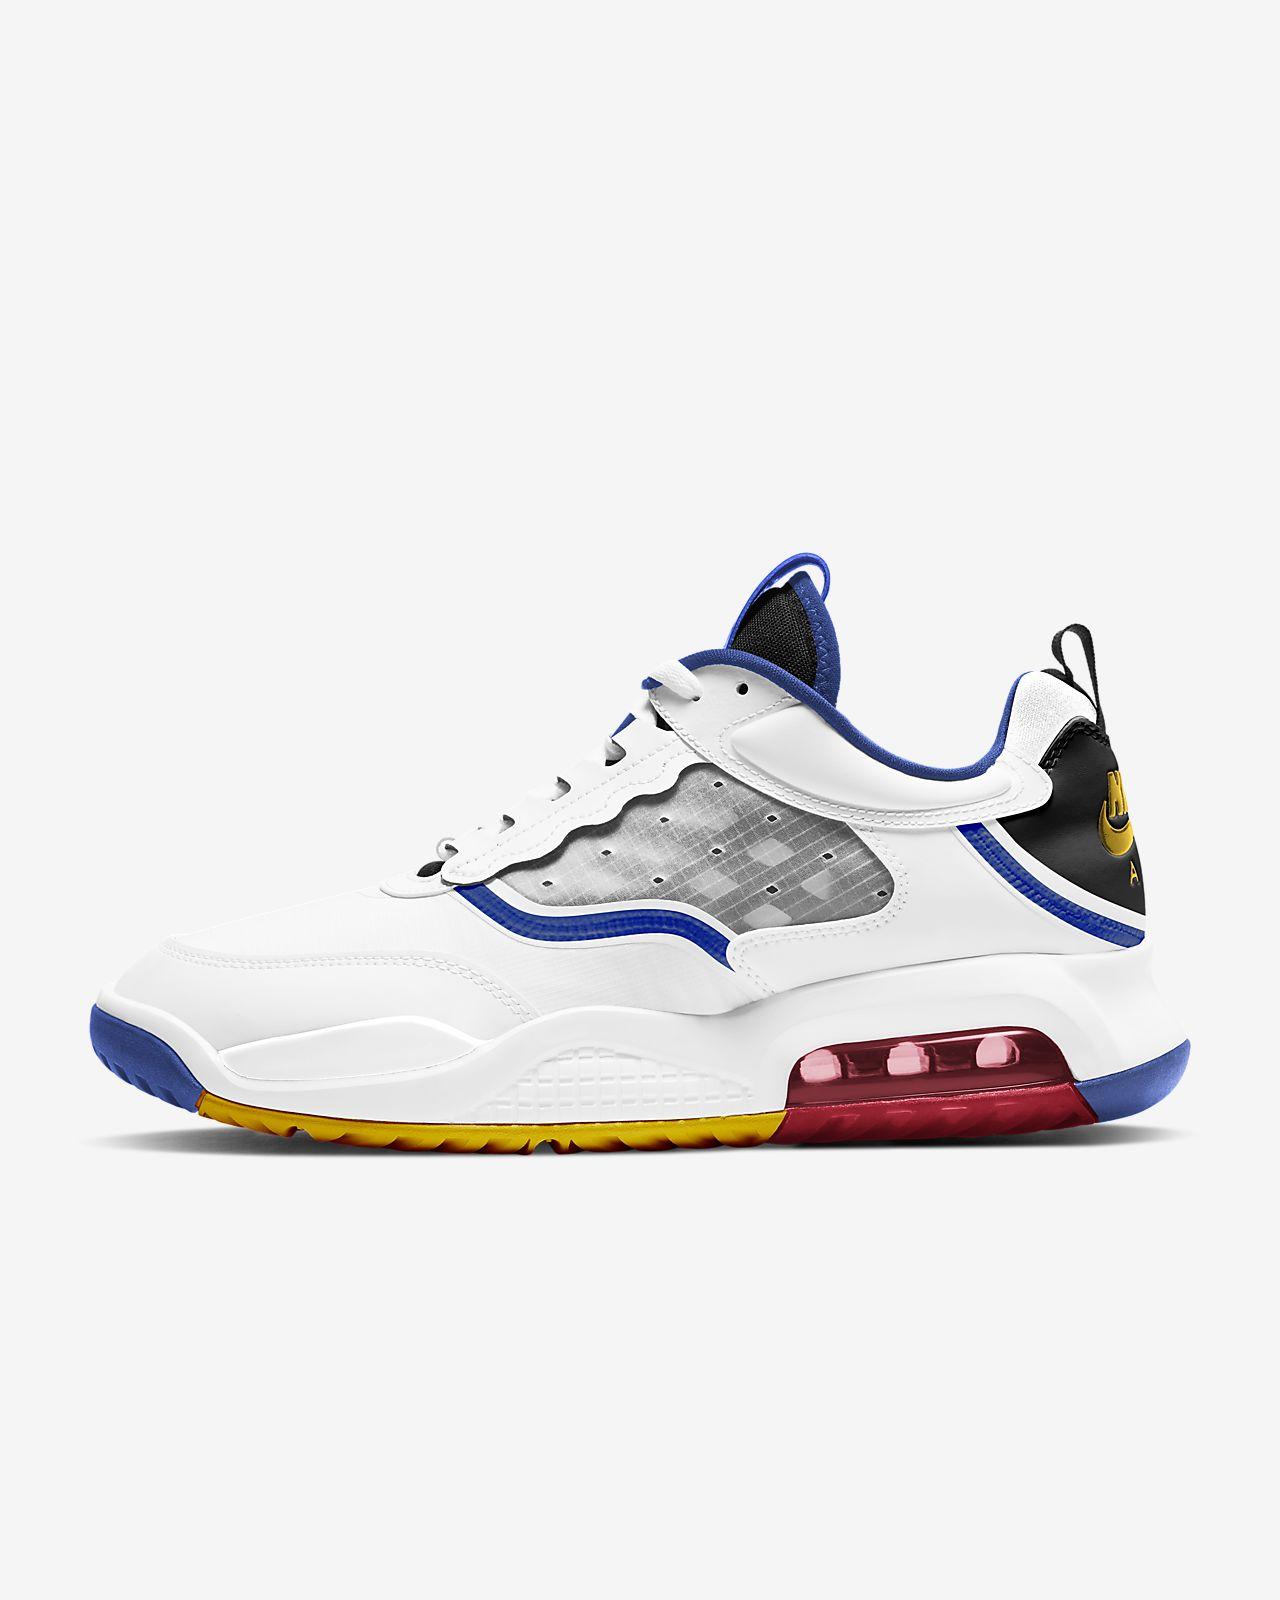 รองเท้าผู้ชาย Jordan Max 200